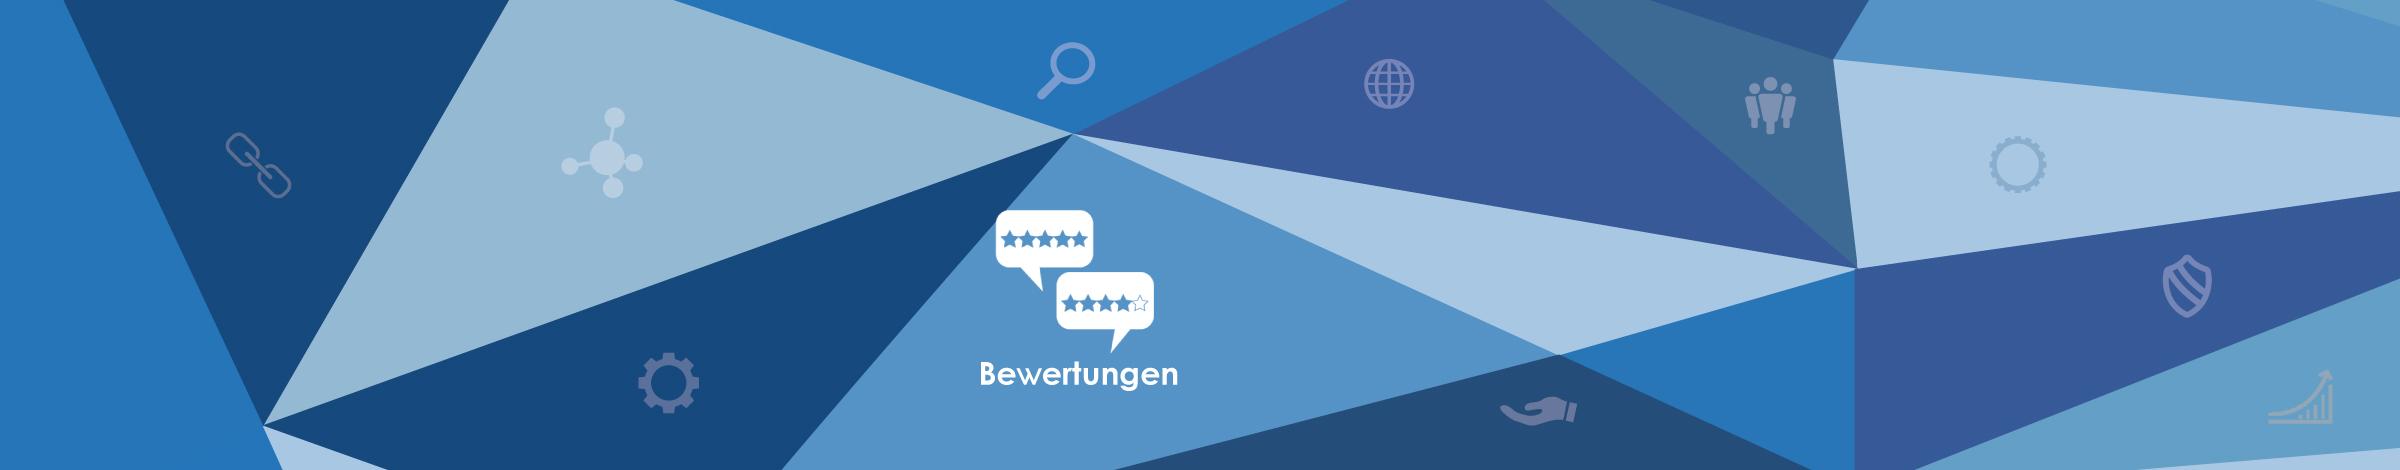 web updates kmu GmbH-wuk-WordPress und SEO Agentur - bewertungen-1